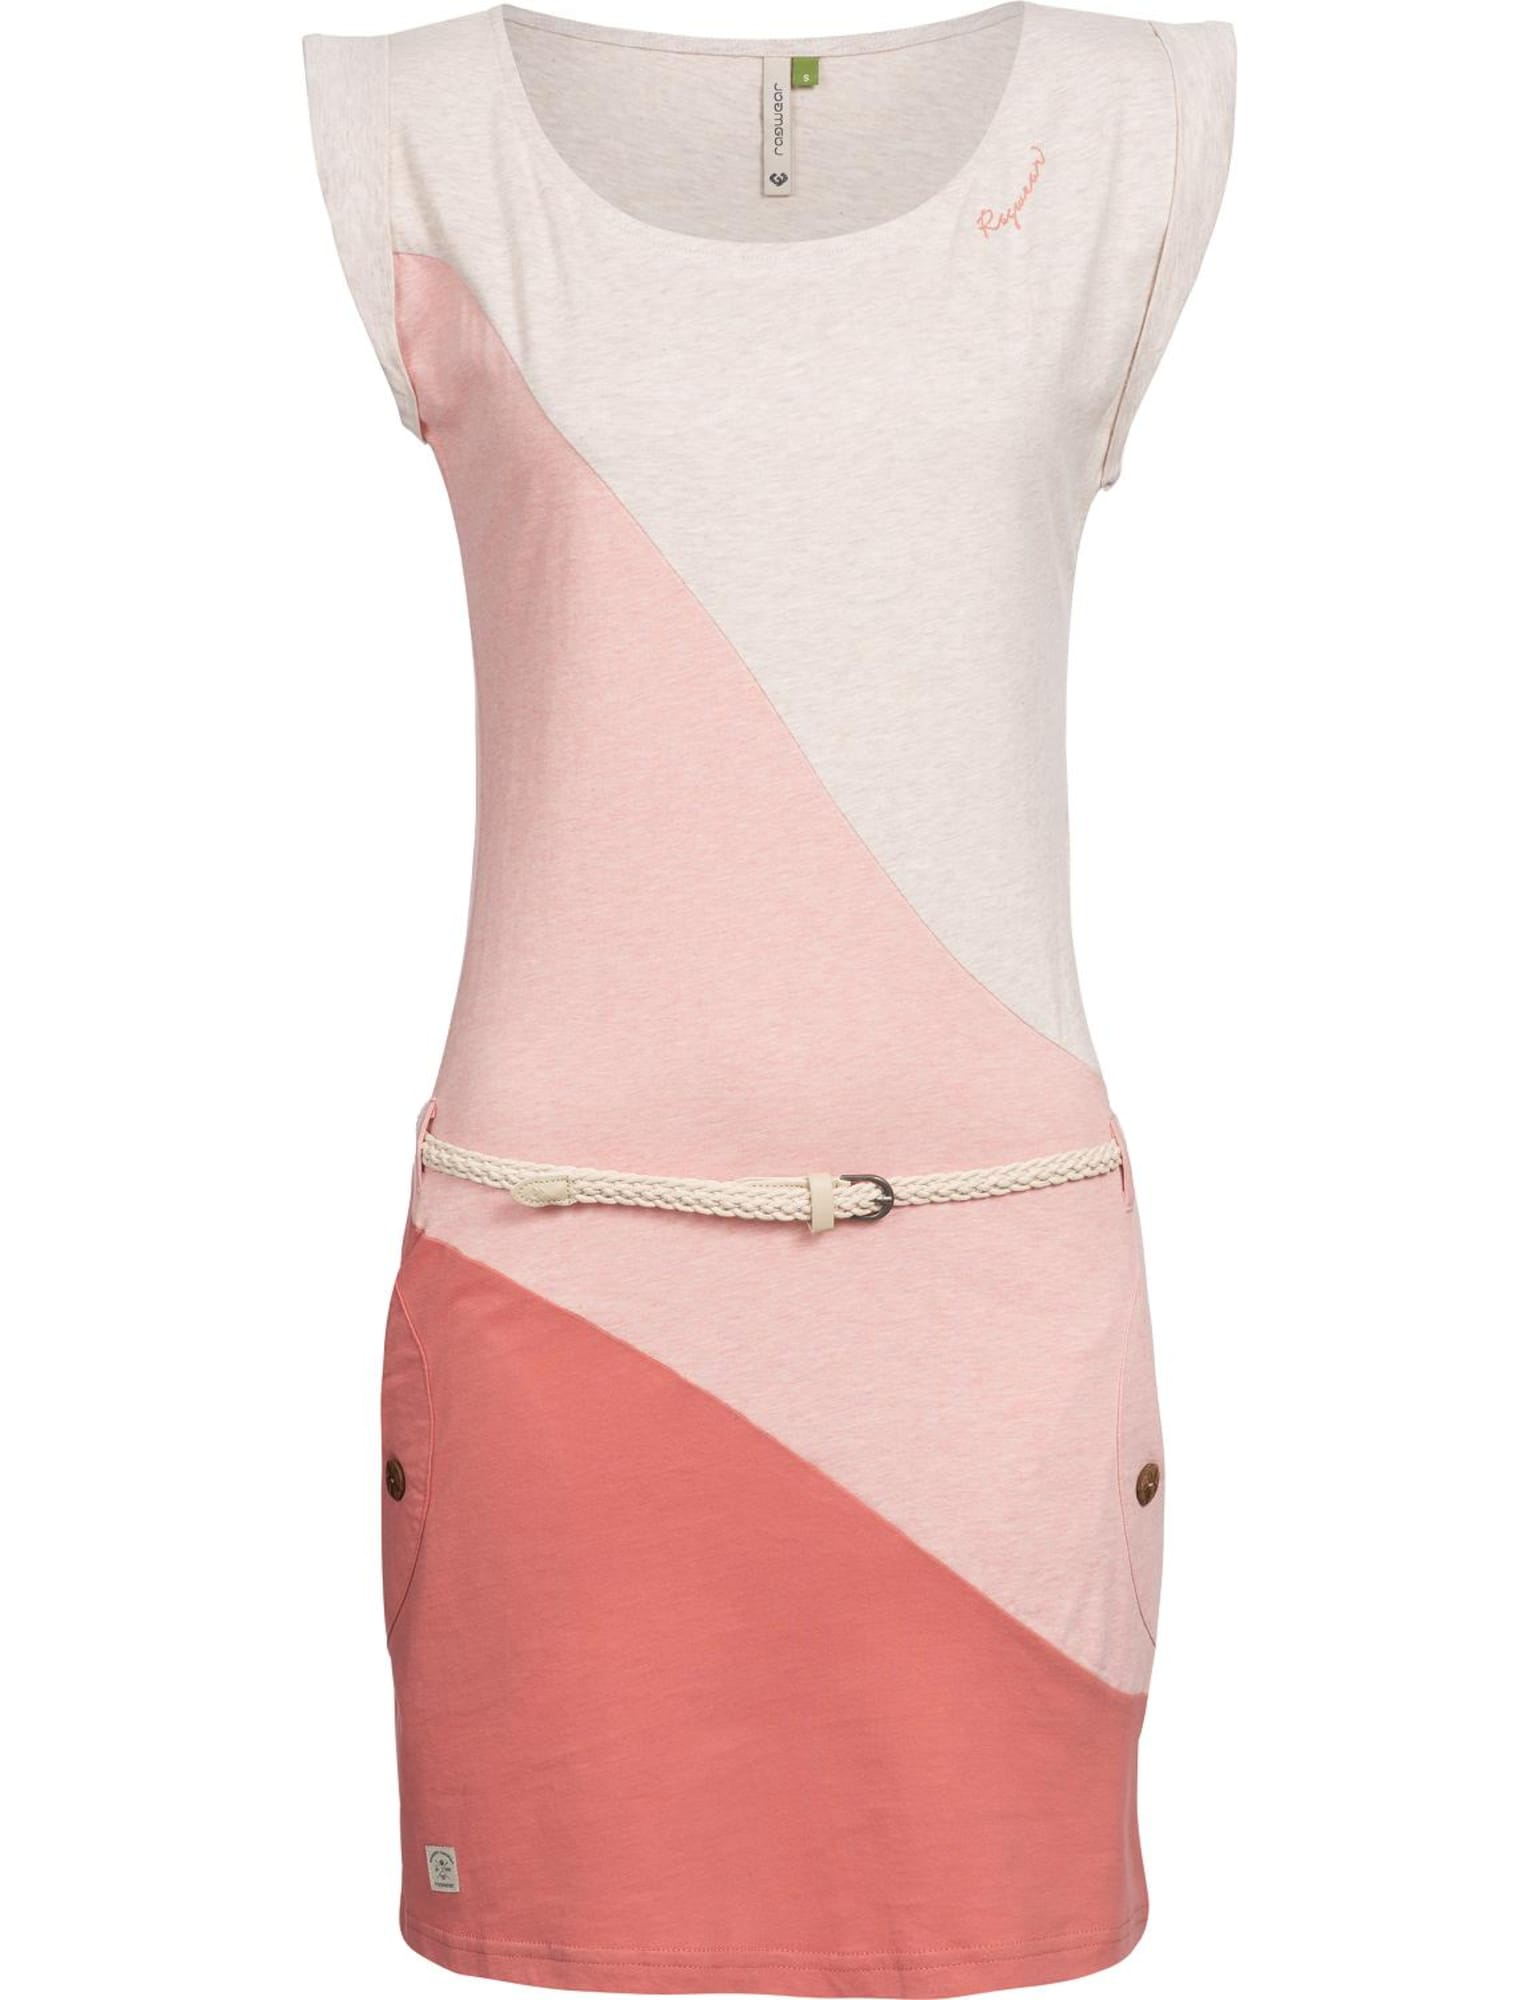 Letní šaty Tag Block Organic béžový melír růžová pastelově červená Ragwear